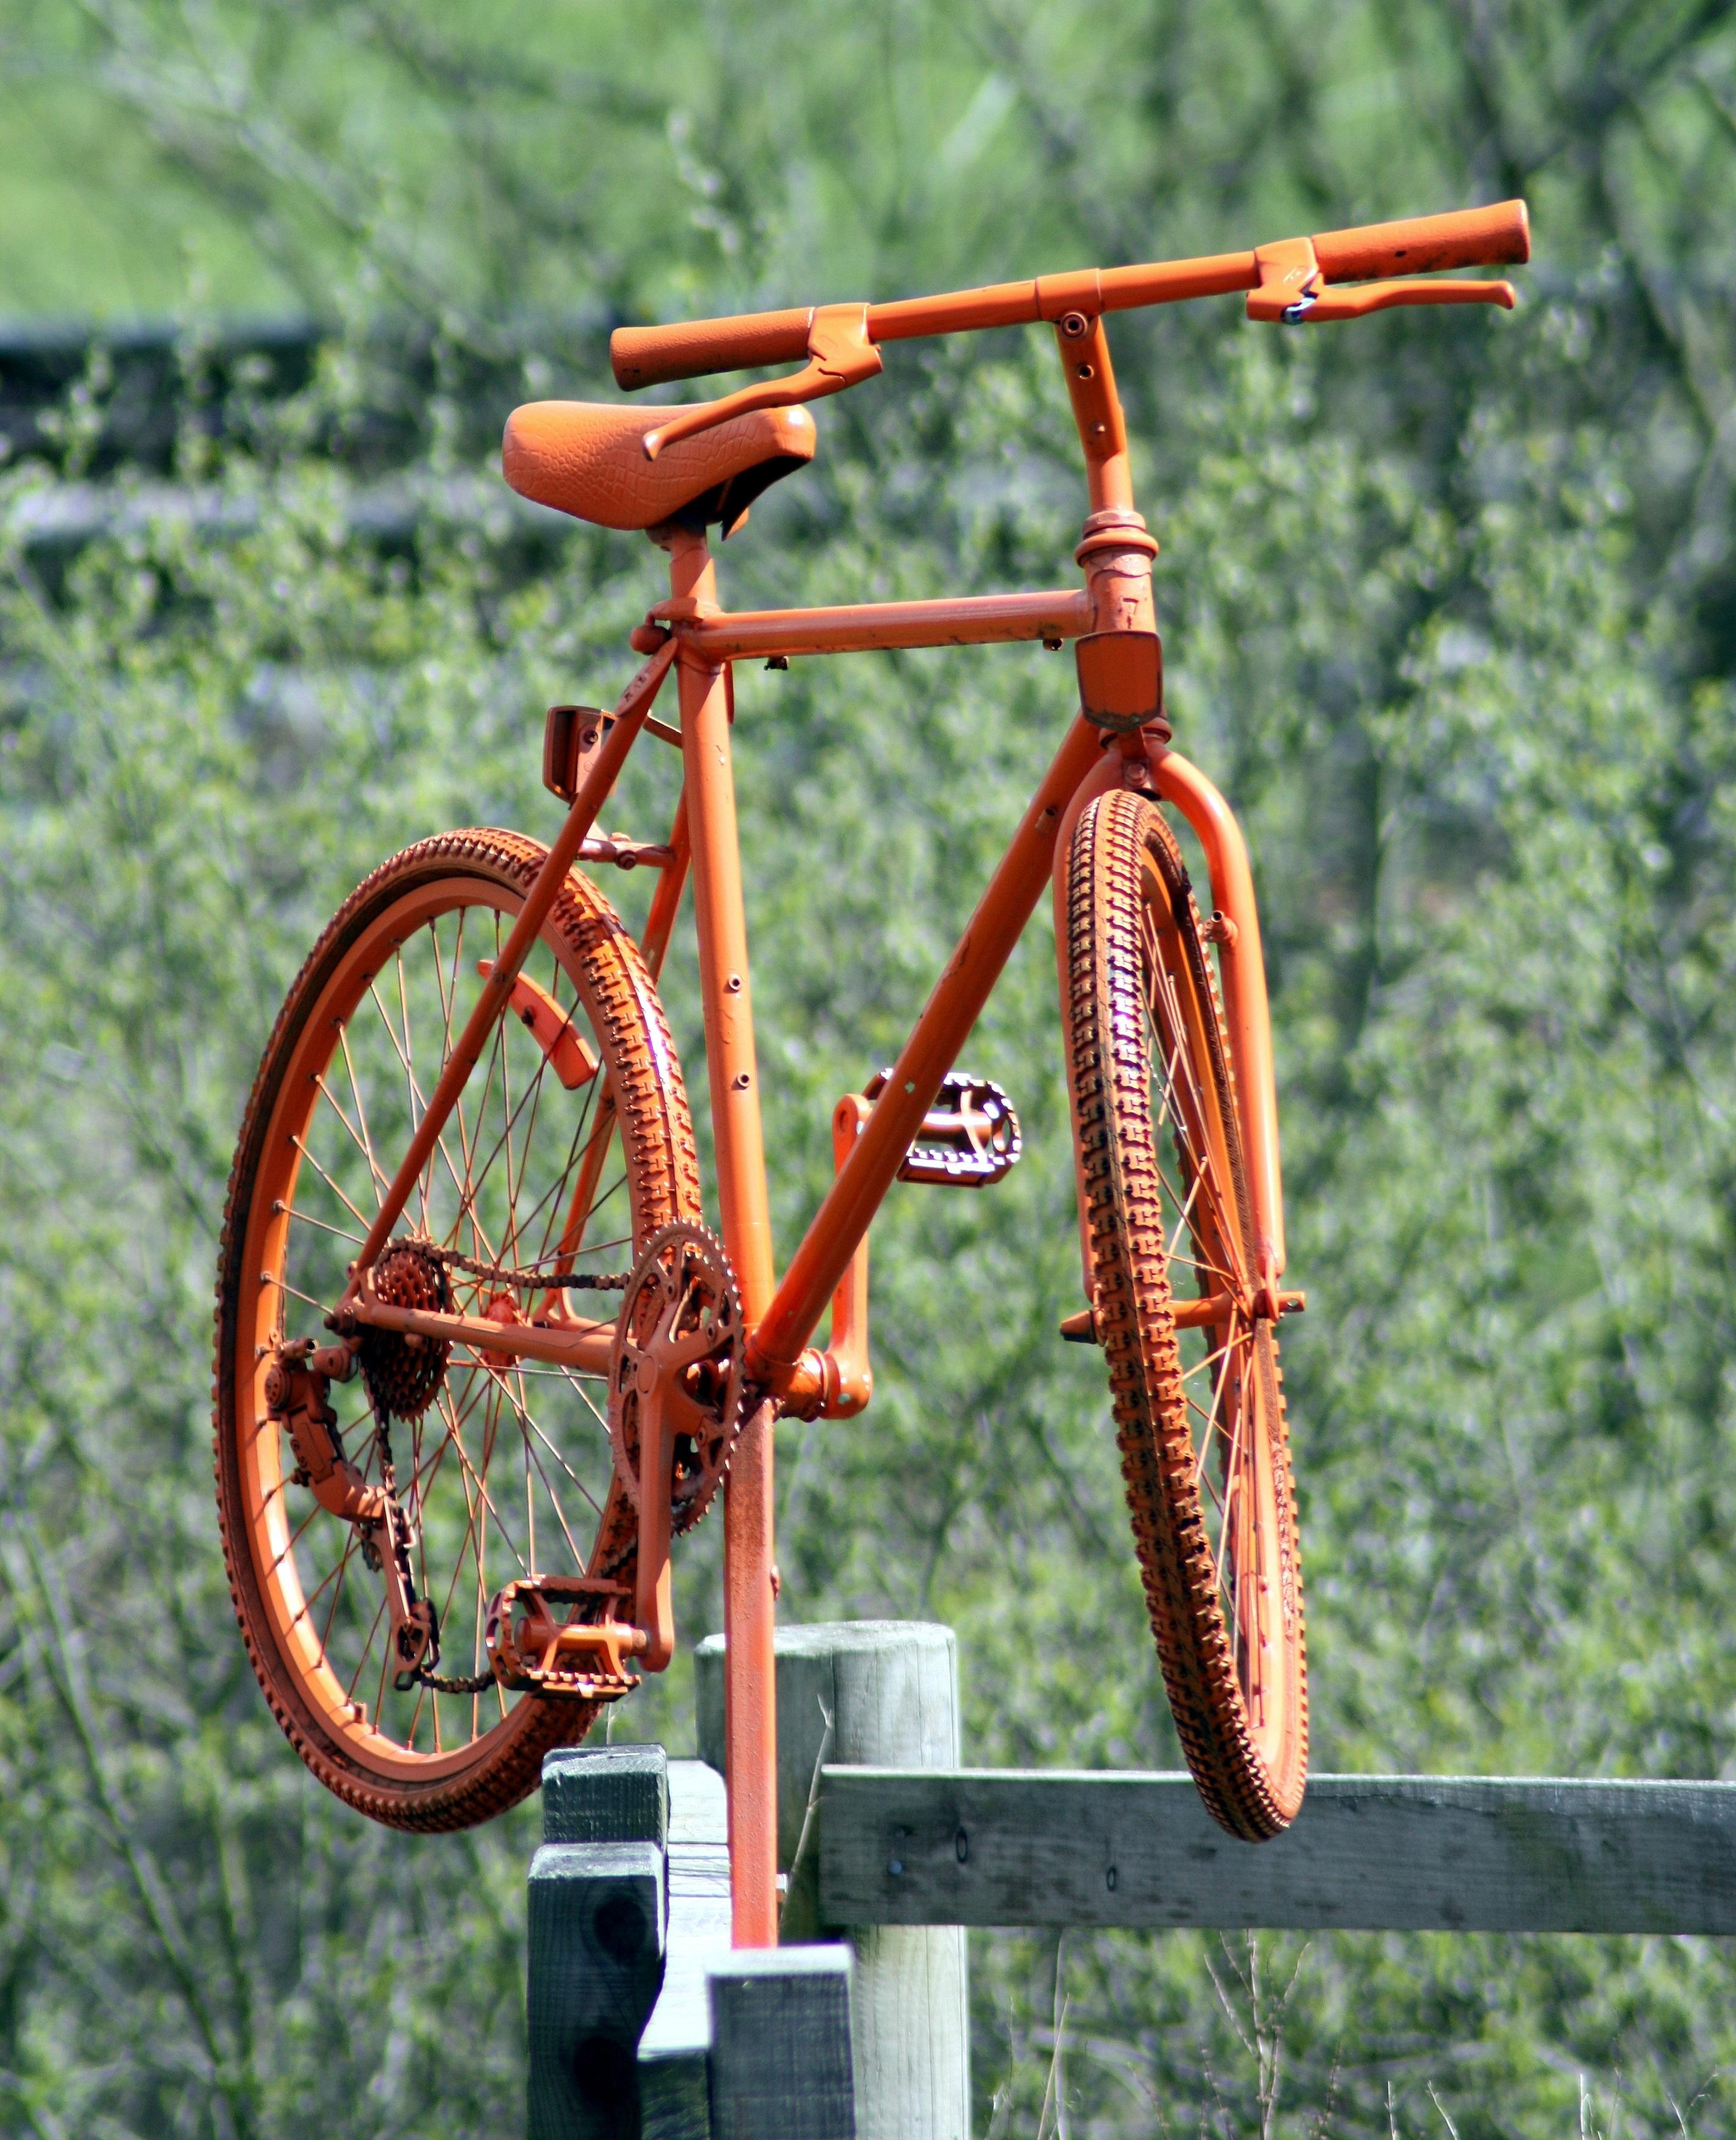 Kostenlose foto : Rad, Laub, Orange, Fahrzeug, Farbe, Grün ...